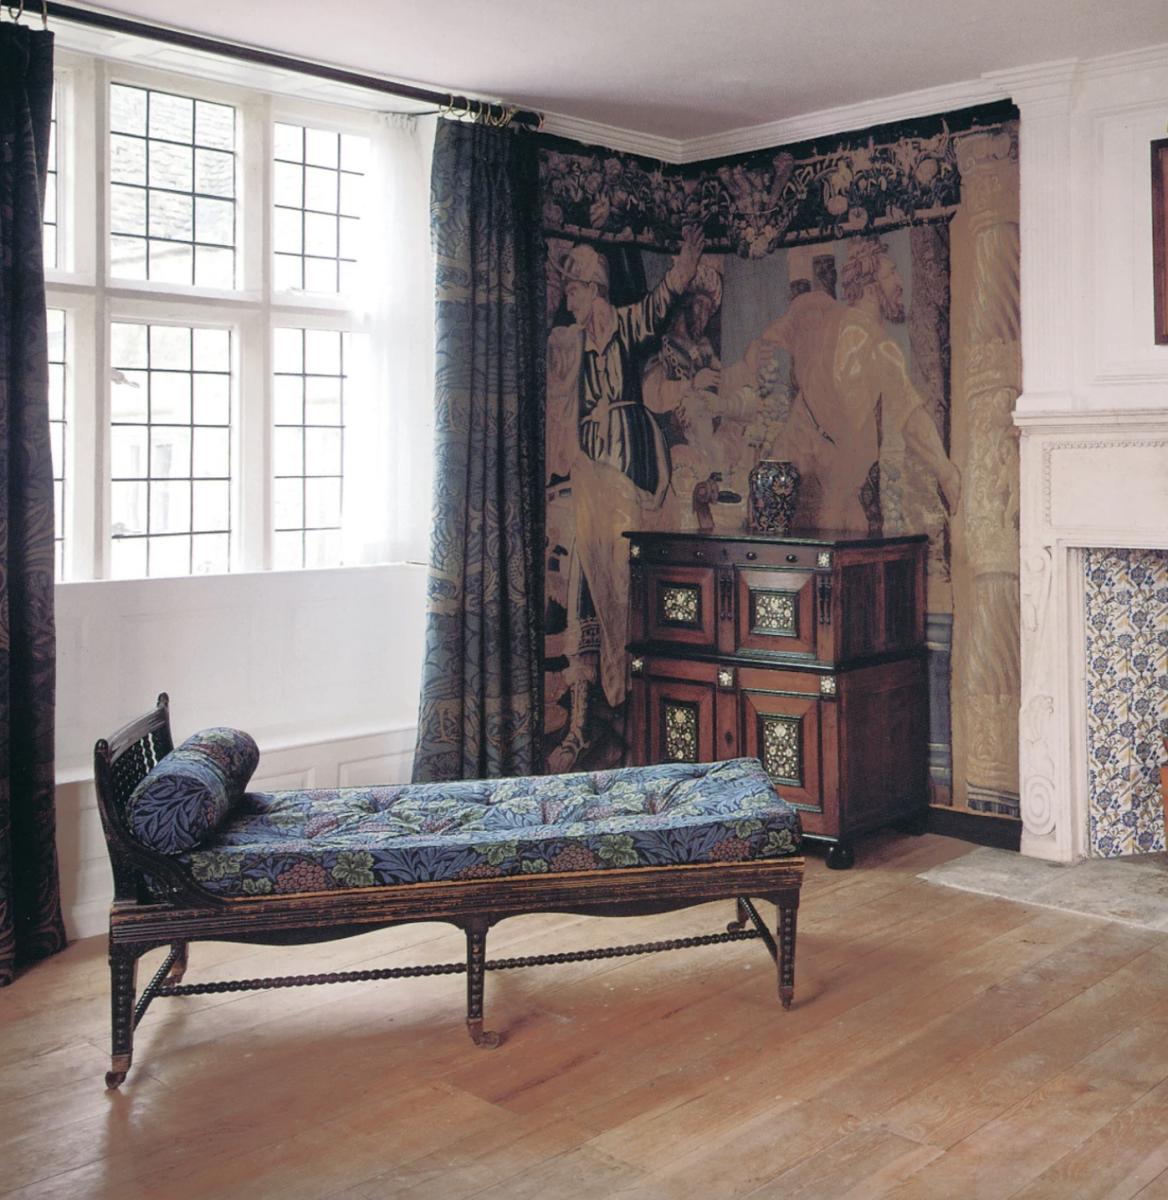 tapestry room at Kelmscott Manor